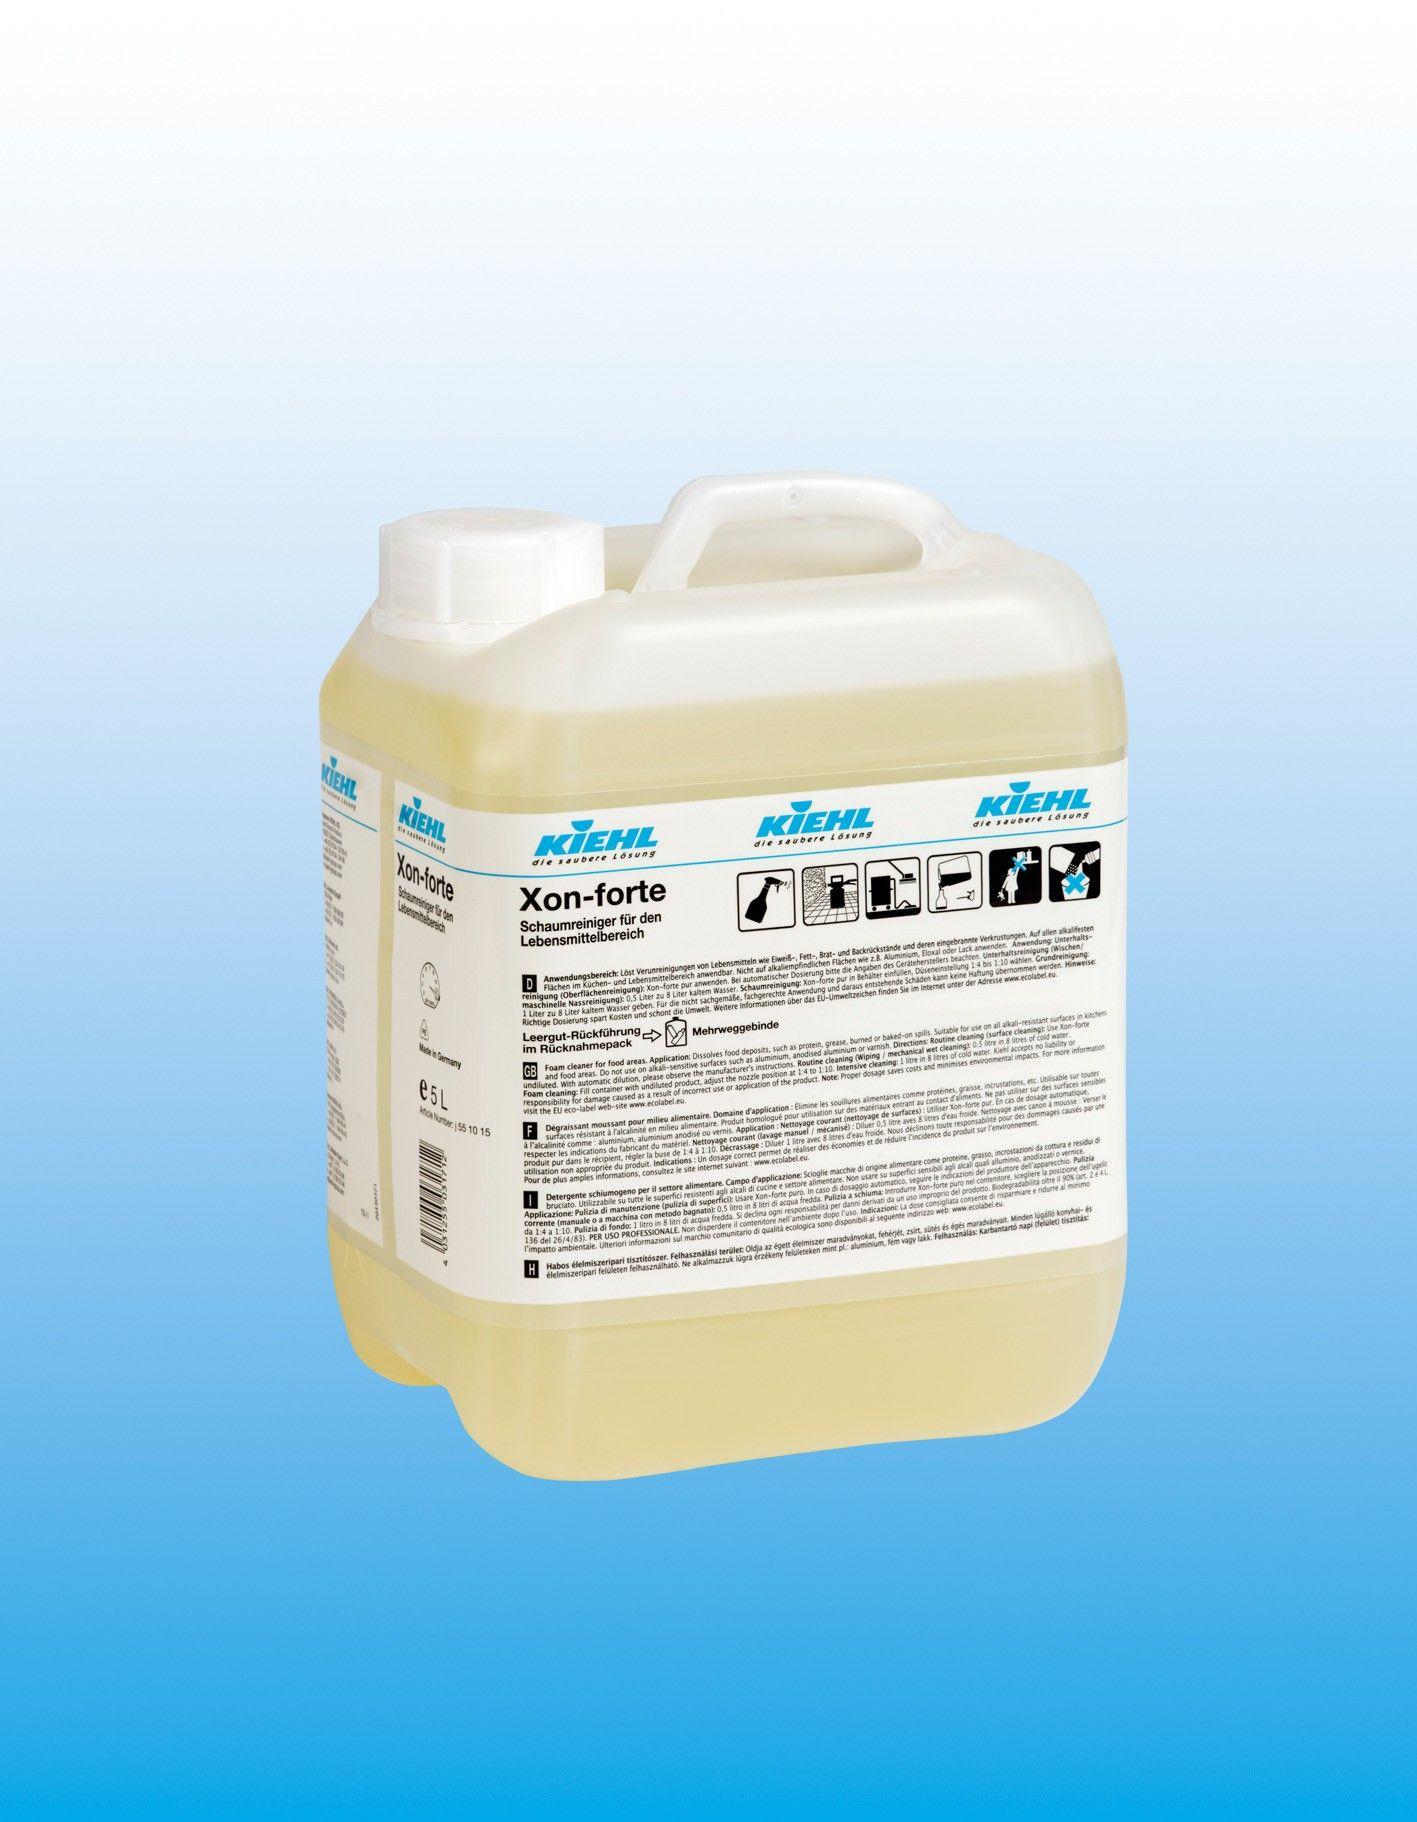 Пенное чистящее средство для печей и грилей (удаление нагара), канистра 5 л, XON-forte, Johannes Kiehl KG